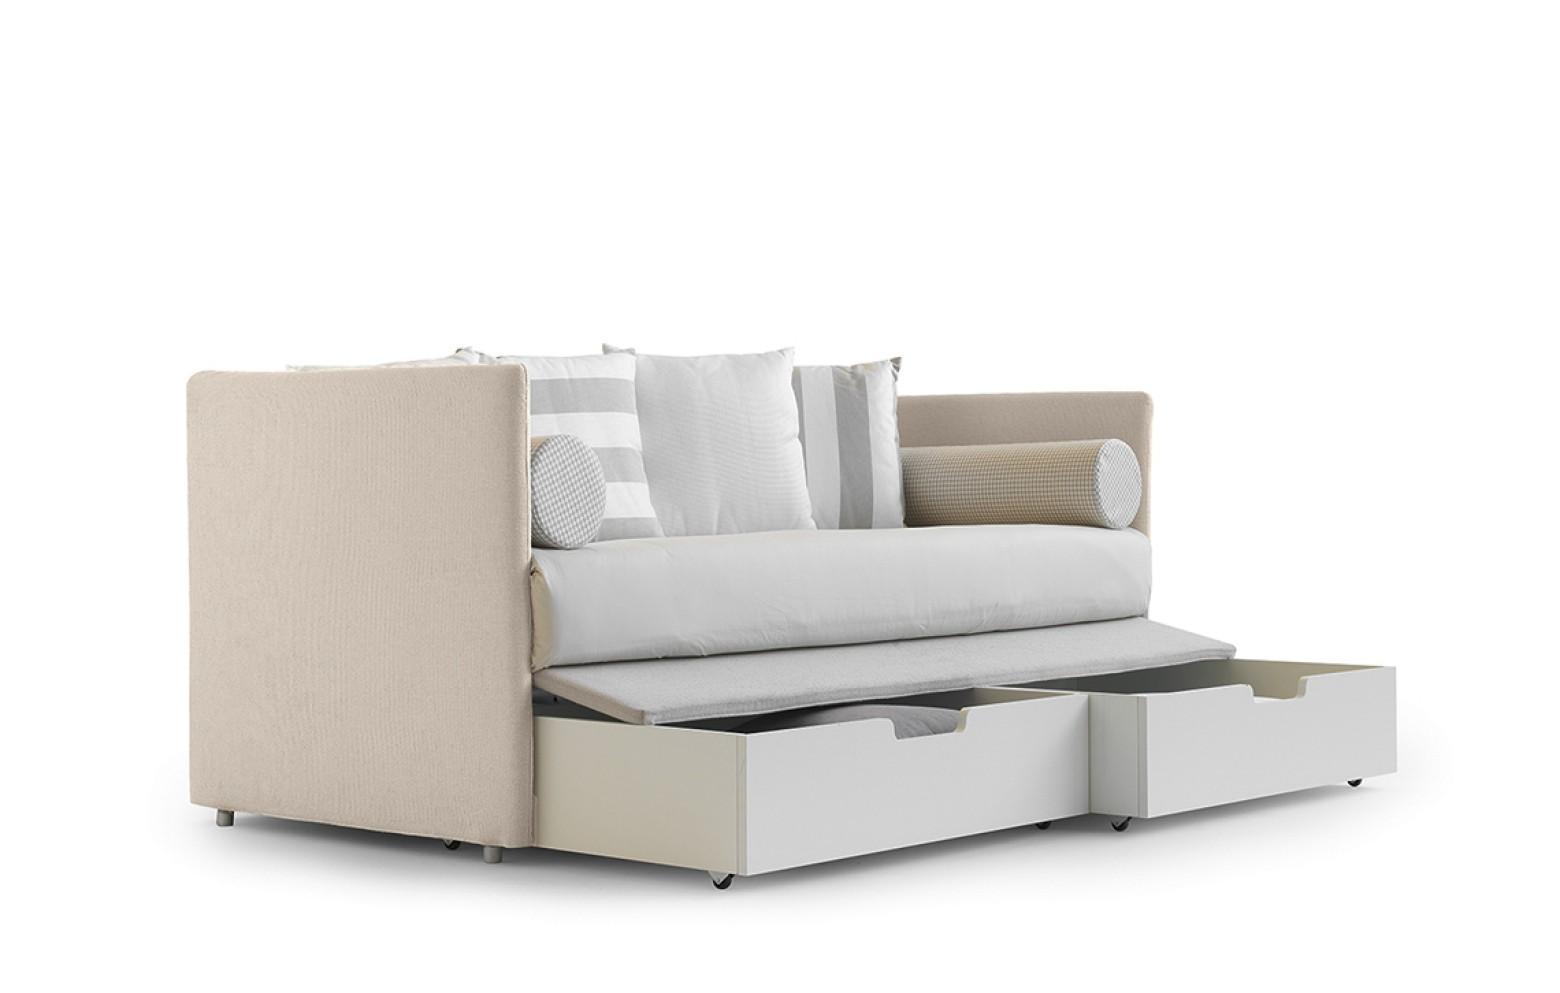 schlafsofas f r dauerschl fer stoffe f r bettw sche meterware amazon baby leoparden. Black Bedroom Furniture Sets. Home Design Ideas